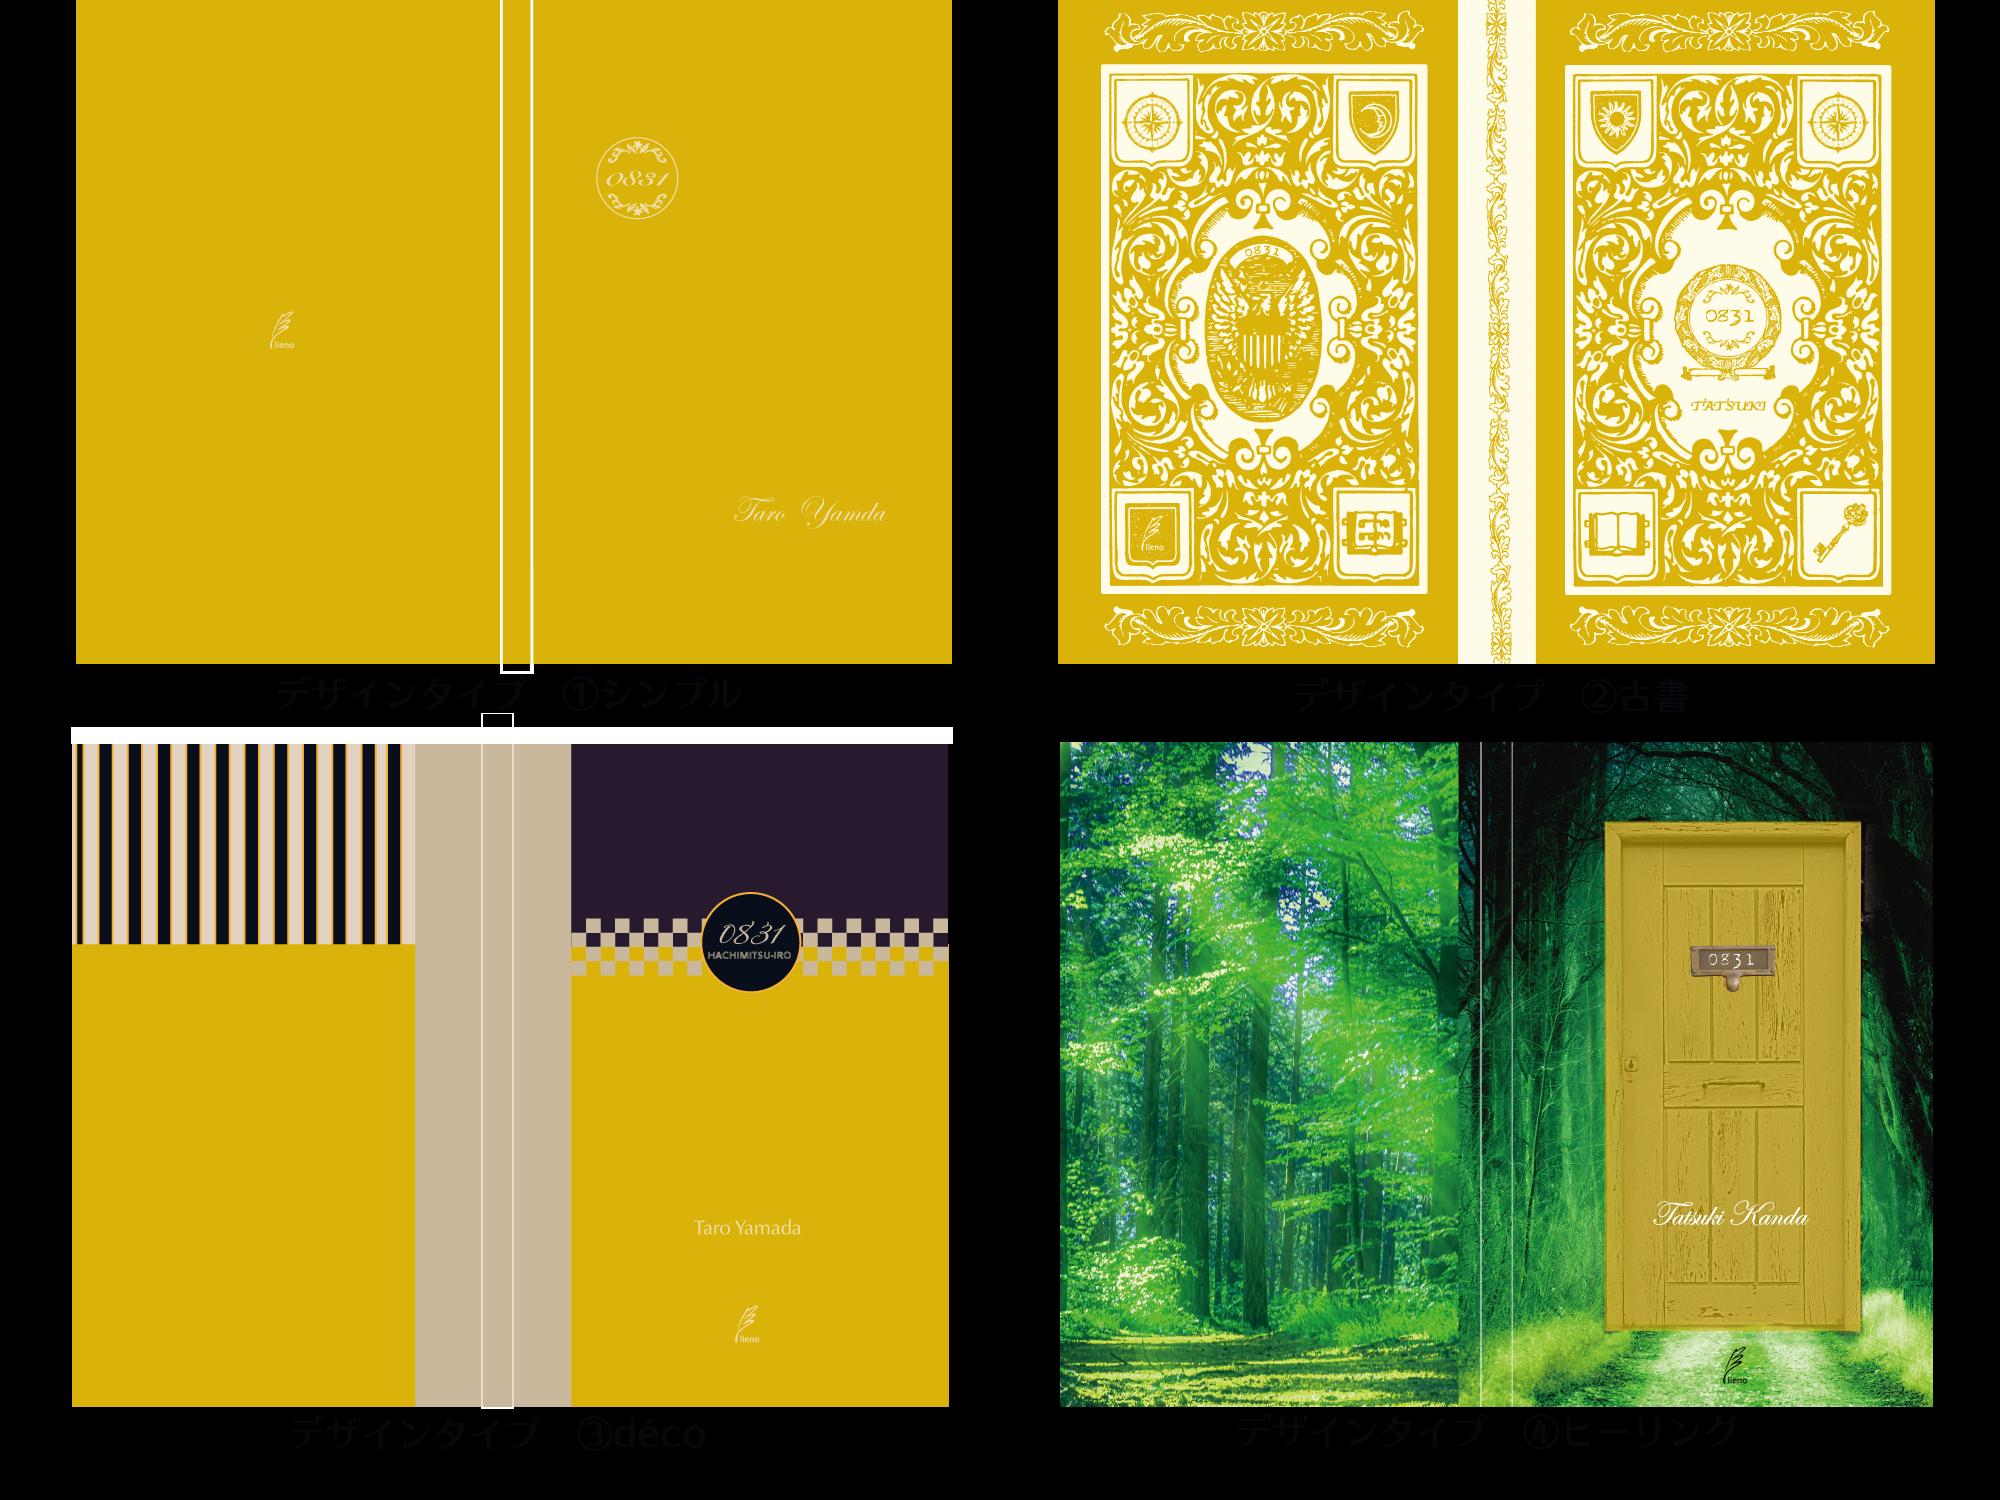 運命のノート『8月31日 蜂蜜色』(鑑定&メッセージカード付)